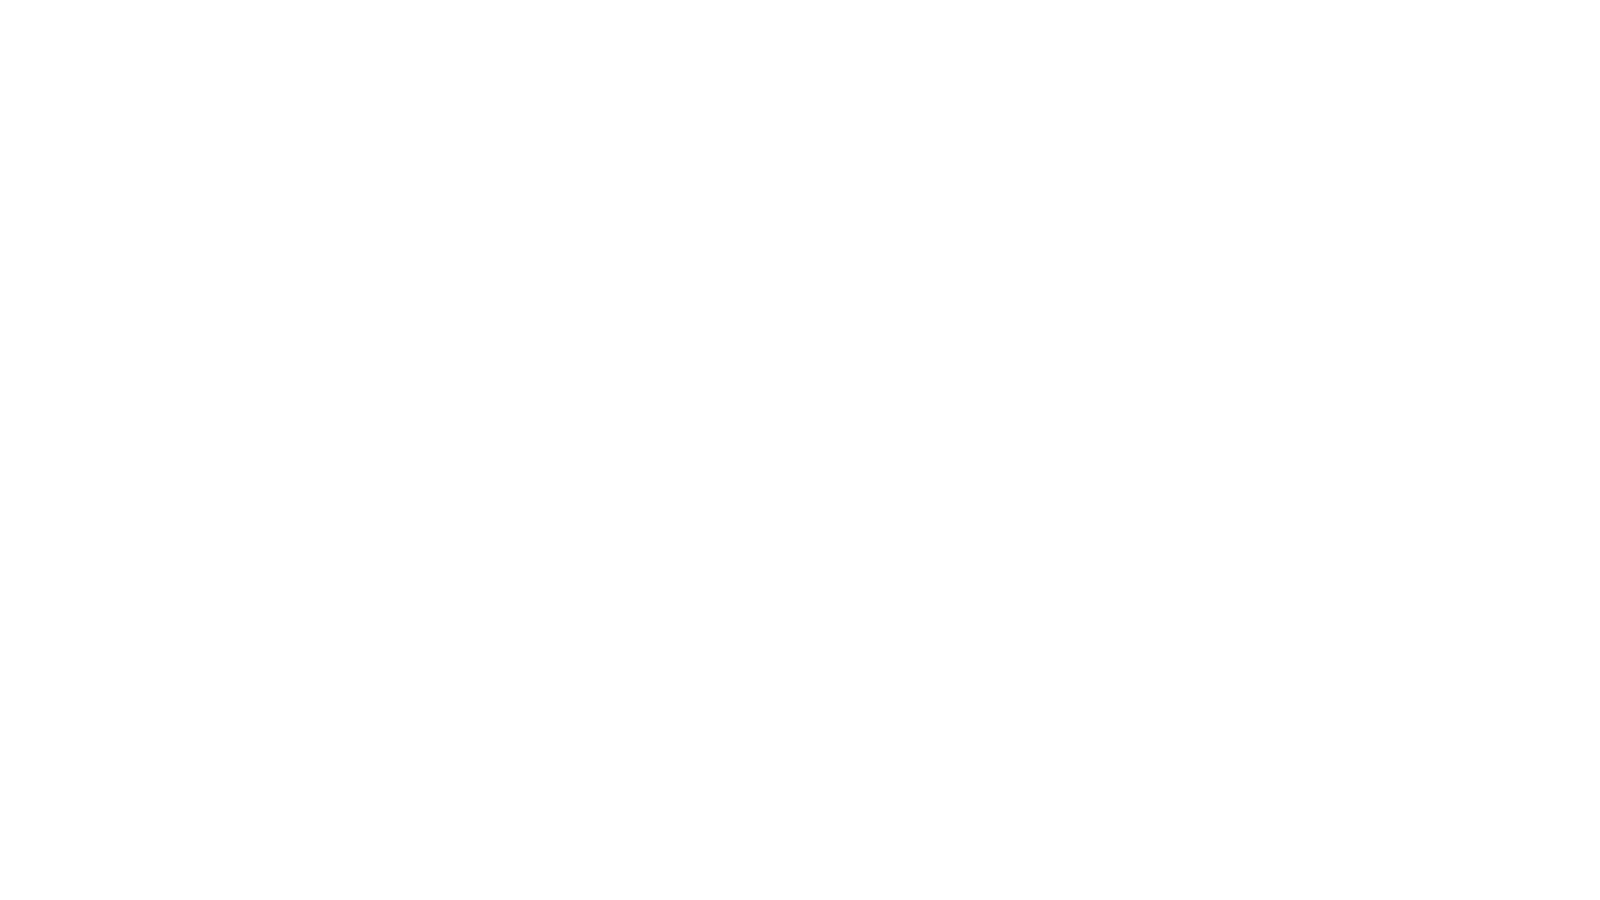 Plafon PVC sekarang sudah menjadi pilihan cerdas masa kini. Selain lebih banyak kelebihannya dari plafon konvesional. Harga ANDA Plafon PVC murah dan sangat terjangkau. Buktikan saja sendiri.. 😁😎😎  ANDA Plafon PVC.. kualitas terbaik, harga terjangkau..  #andaplafonpvc #plafonpvc #ceiling #sundaplafon #pabrikplafon #produsenplafon #plafonpvcmurah